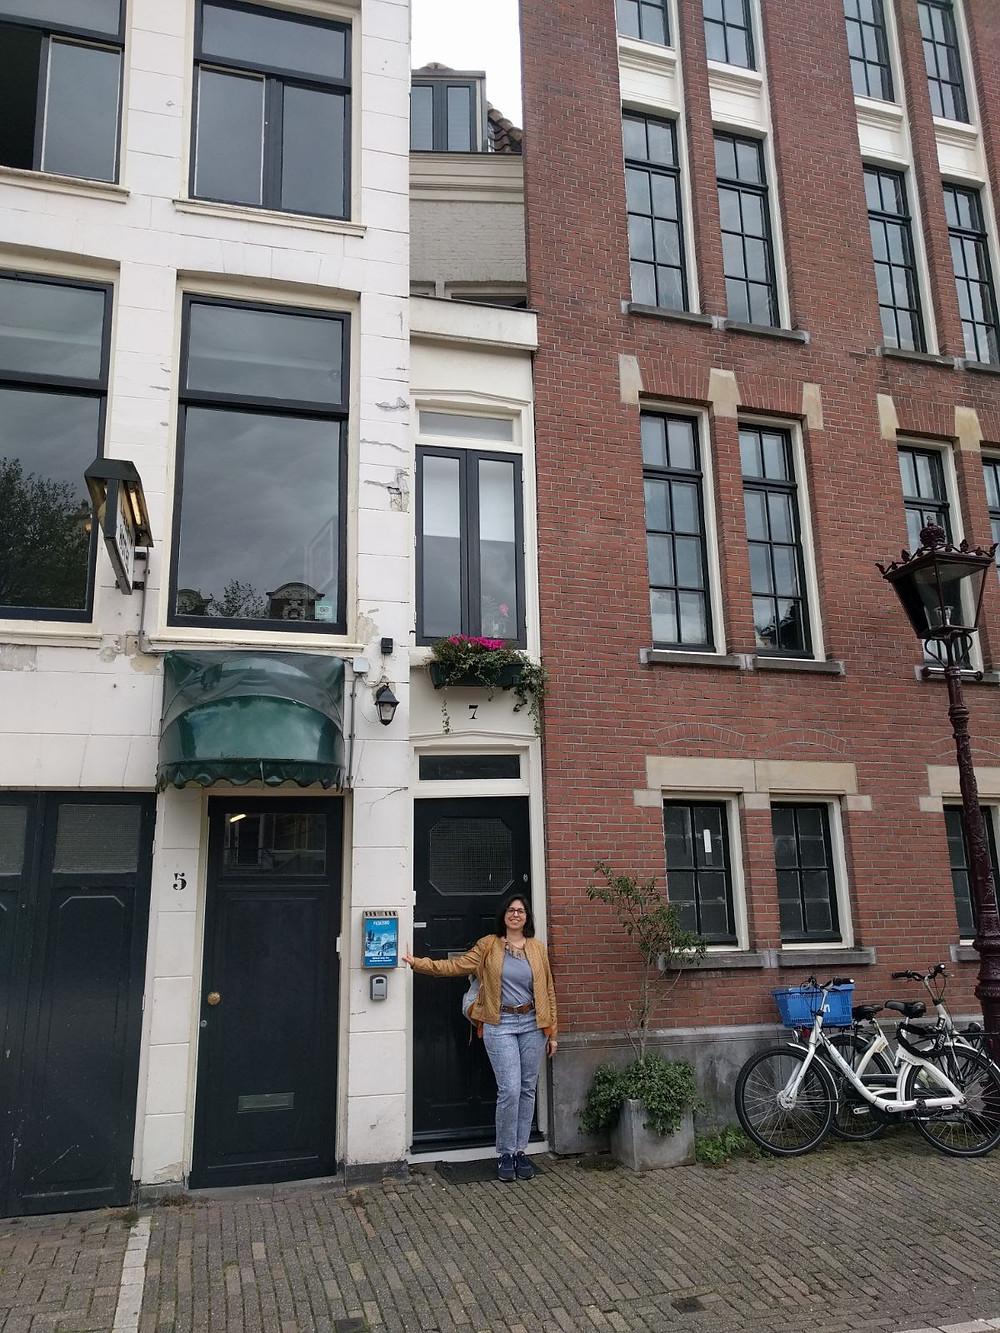 אני בפתח הבית הצר ביותר באמסטרדם